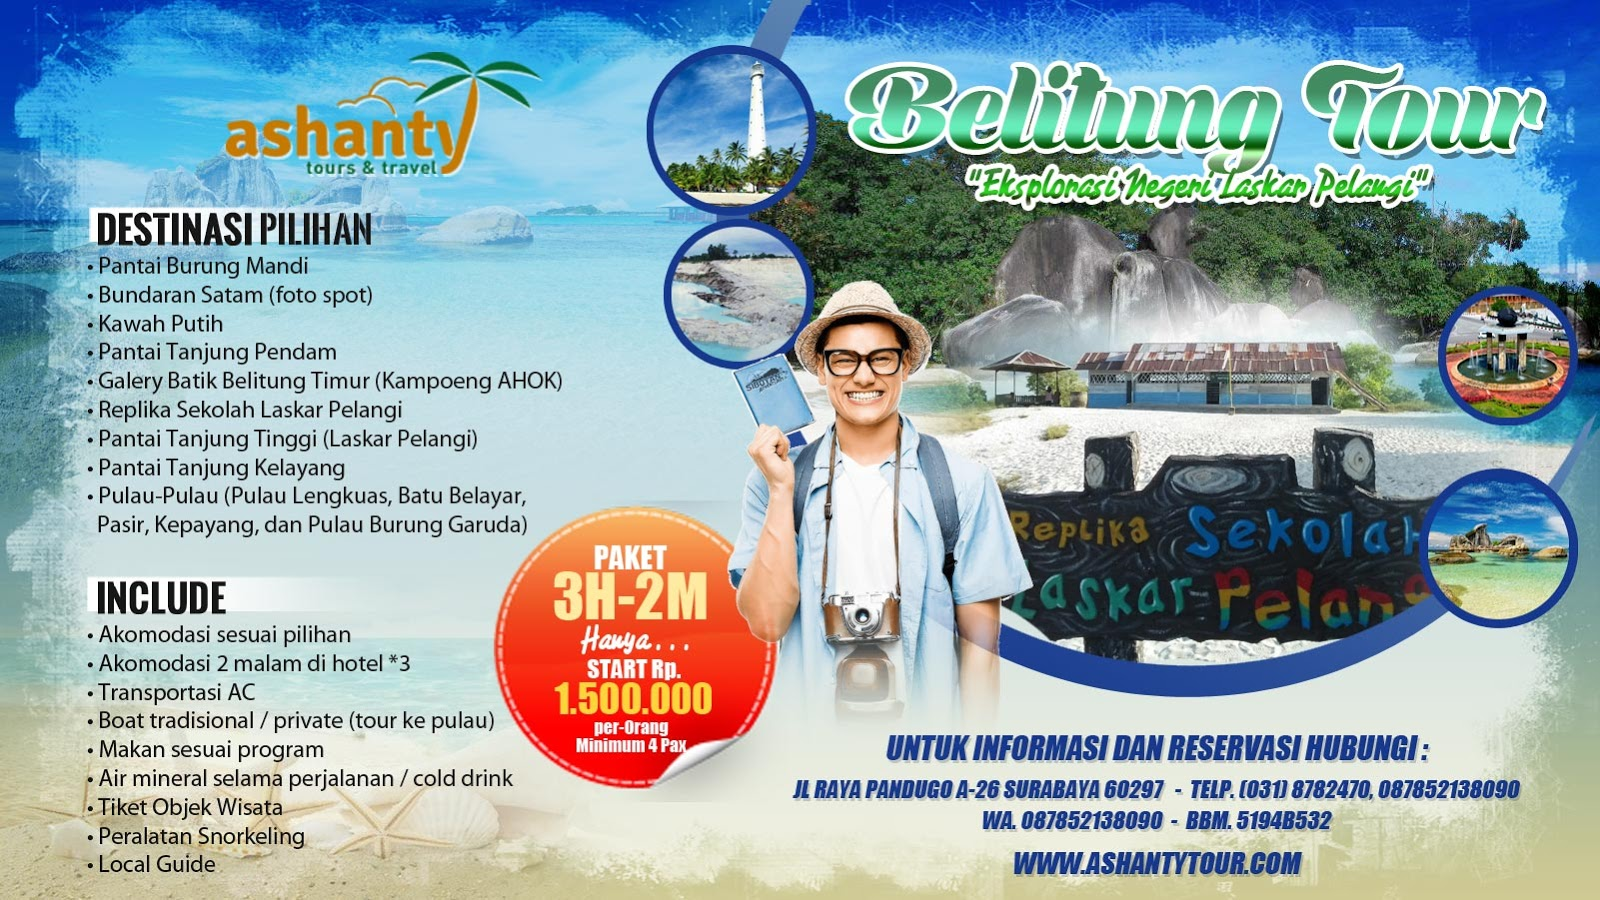 harga paket wisata ke belitung, paket wisata belitung termasuk tiket pesawat, paket tour belitung murah 2017, paket liburan bangka belitung 2017